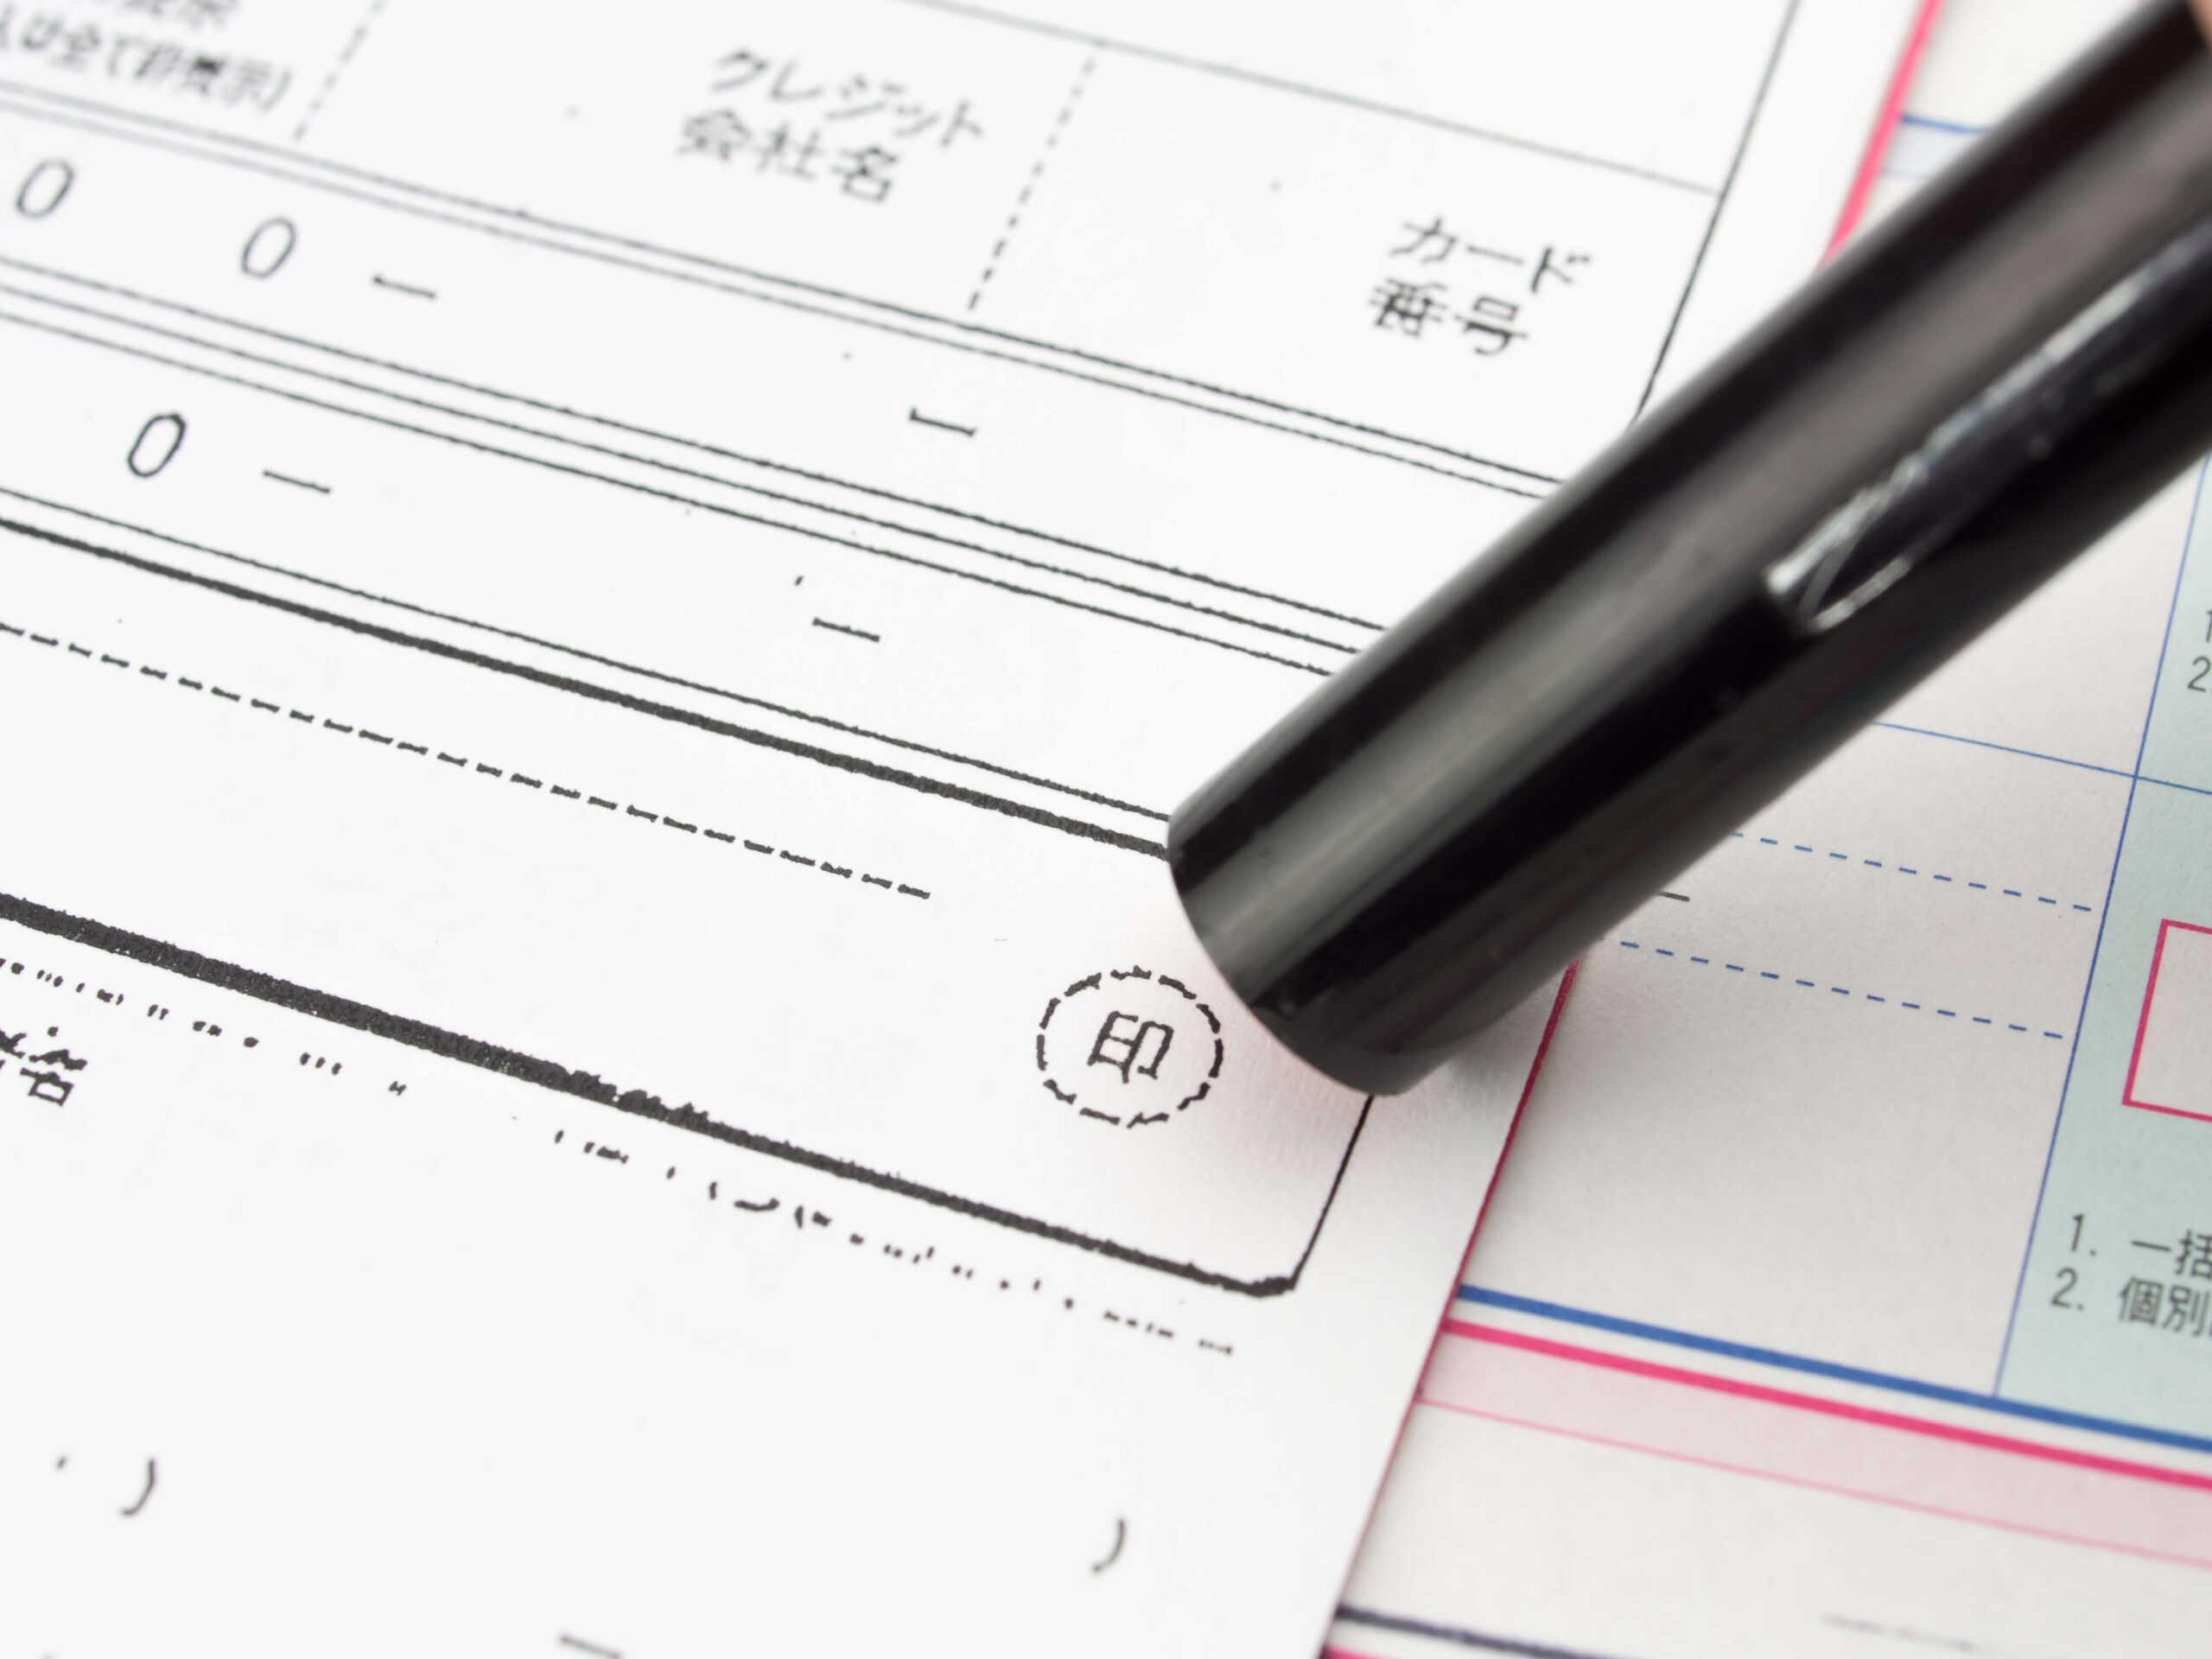 離婚届の証人として署名・押印をしたらどのような責任を負う?